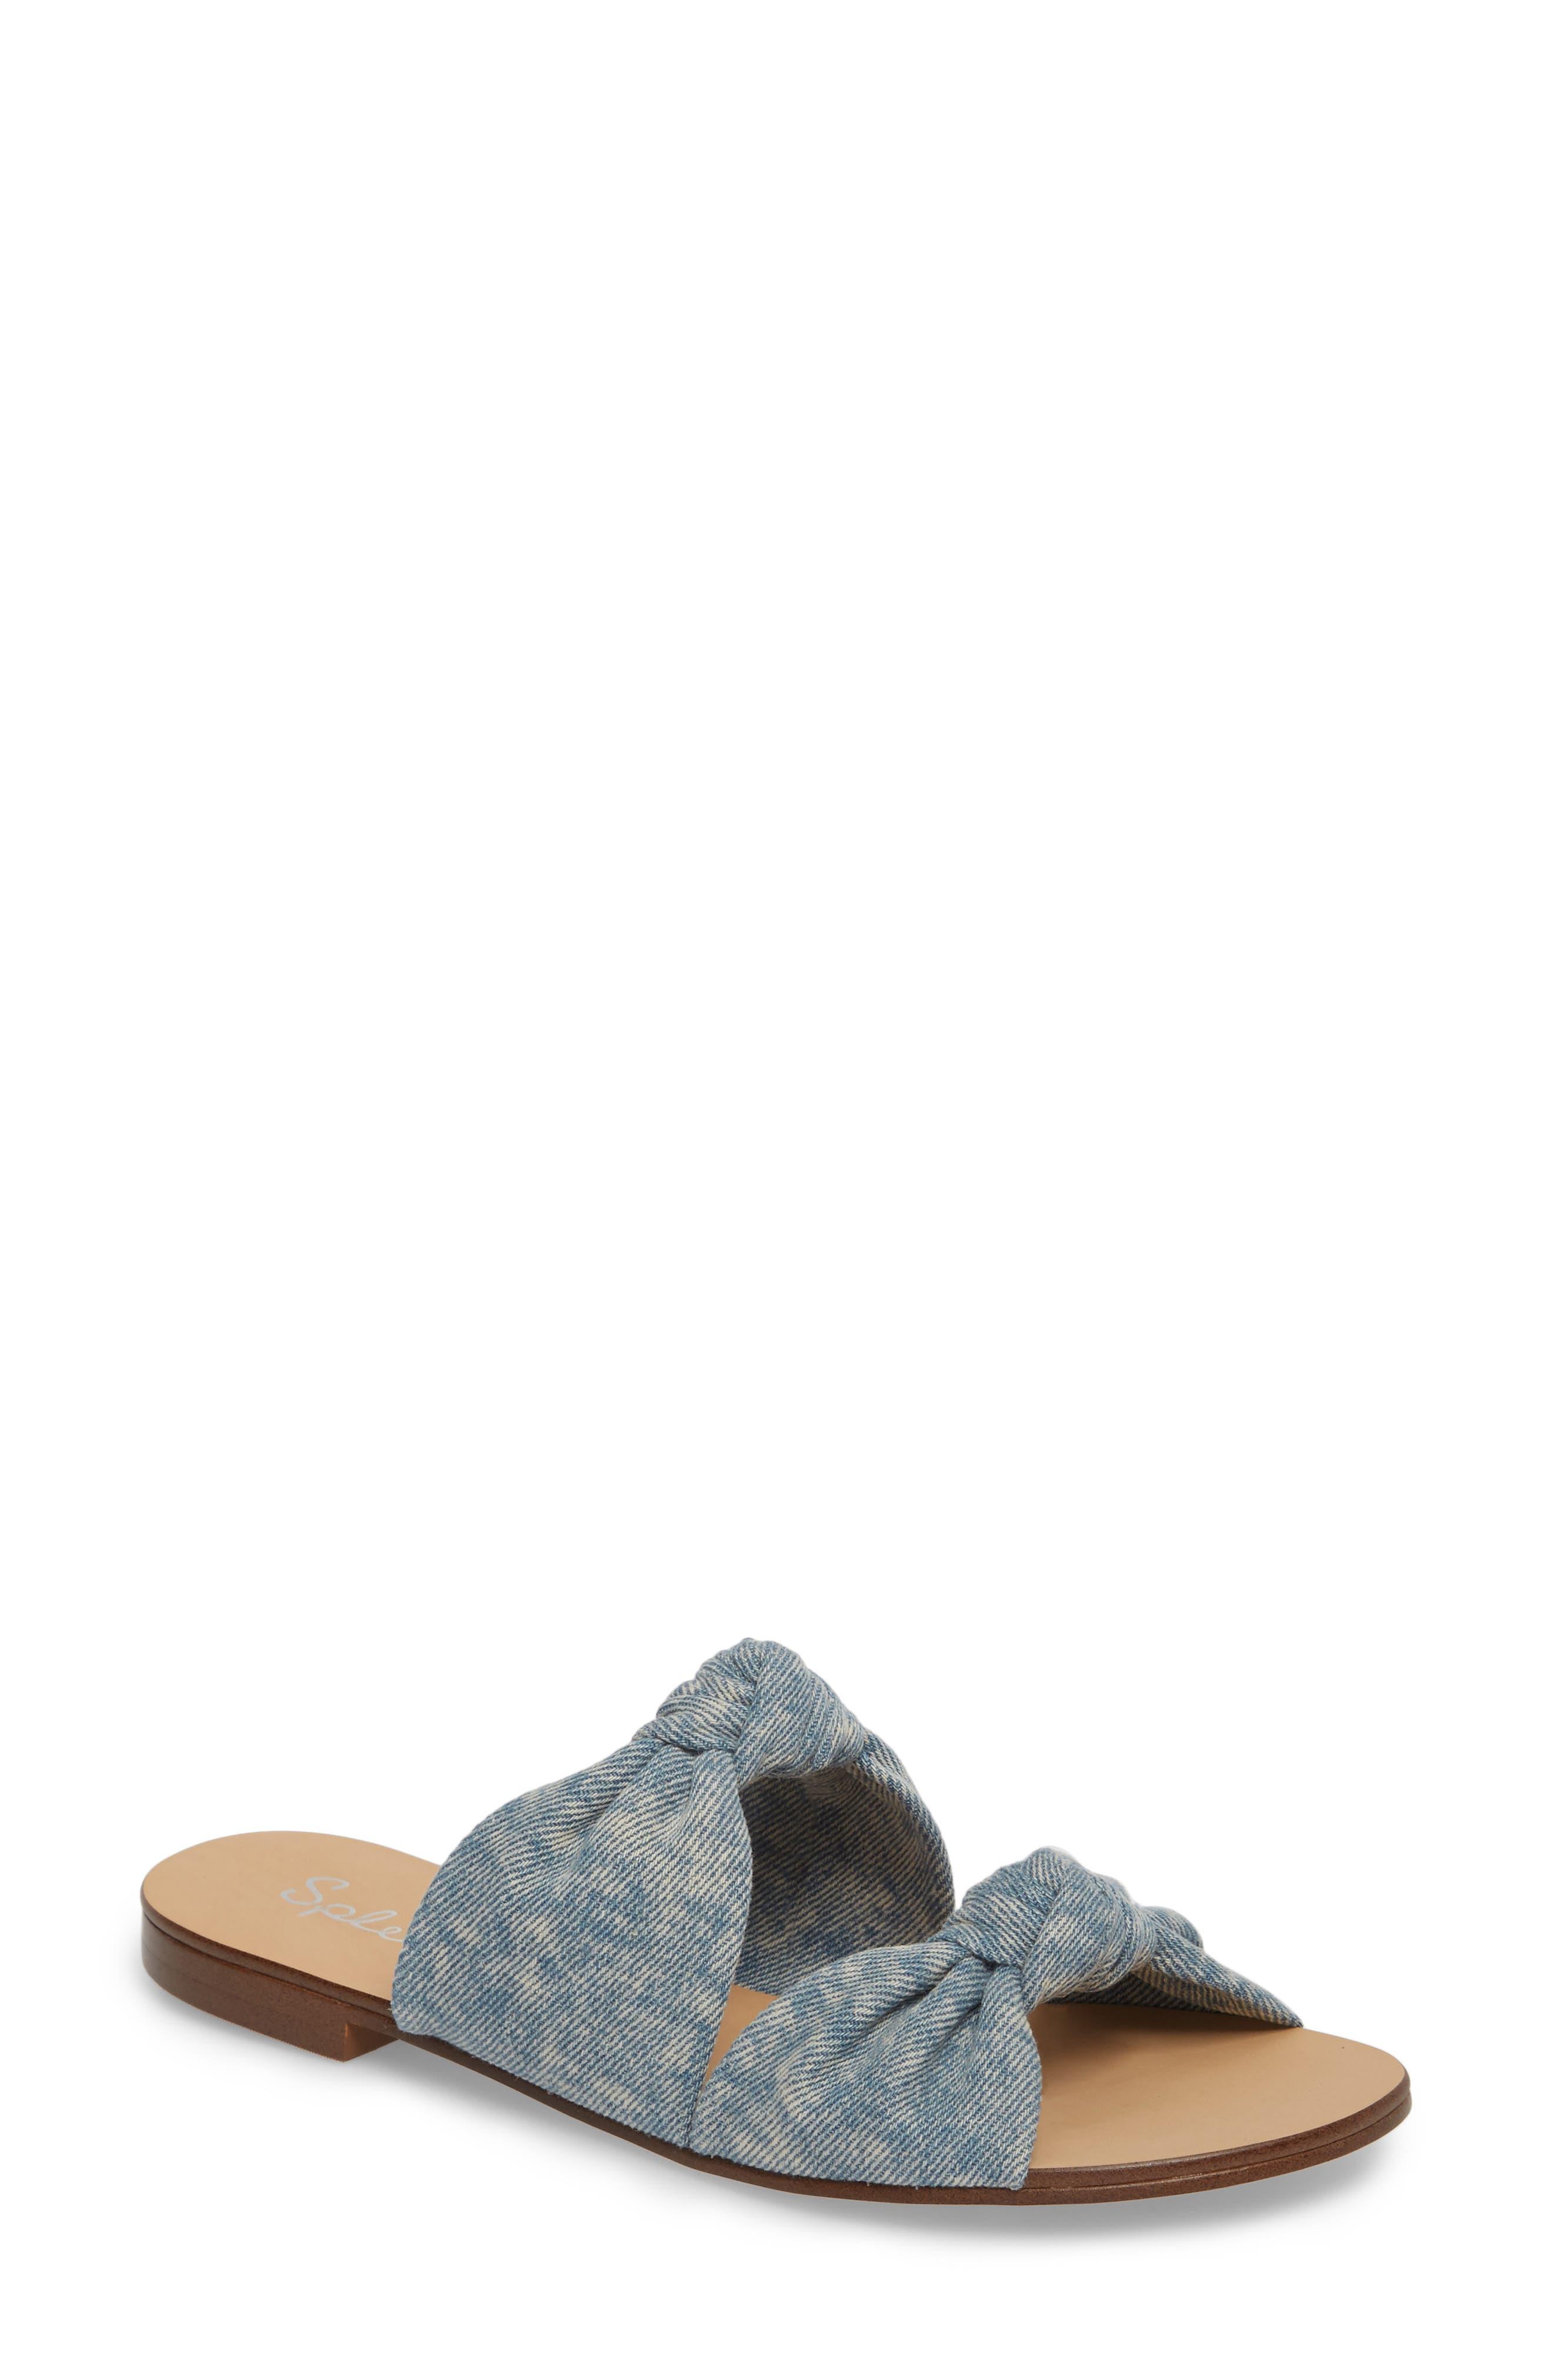 Splendid Barton Double Knotted Slide Sandal, Blue